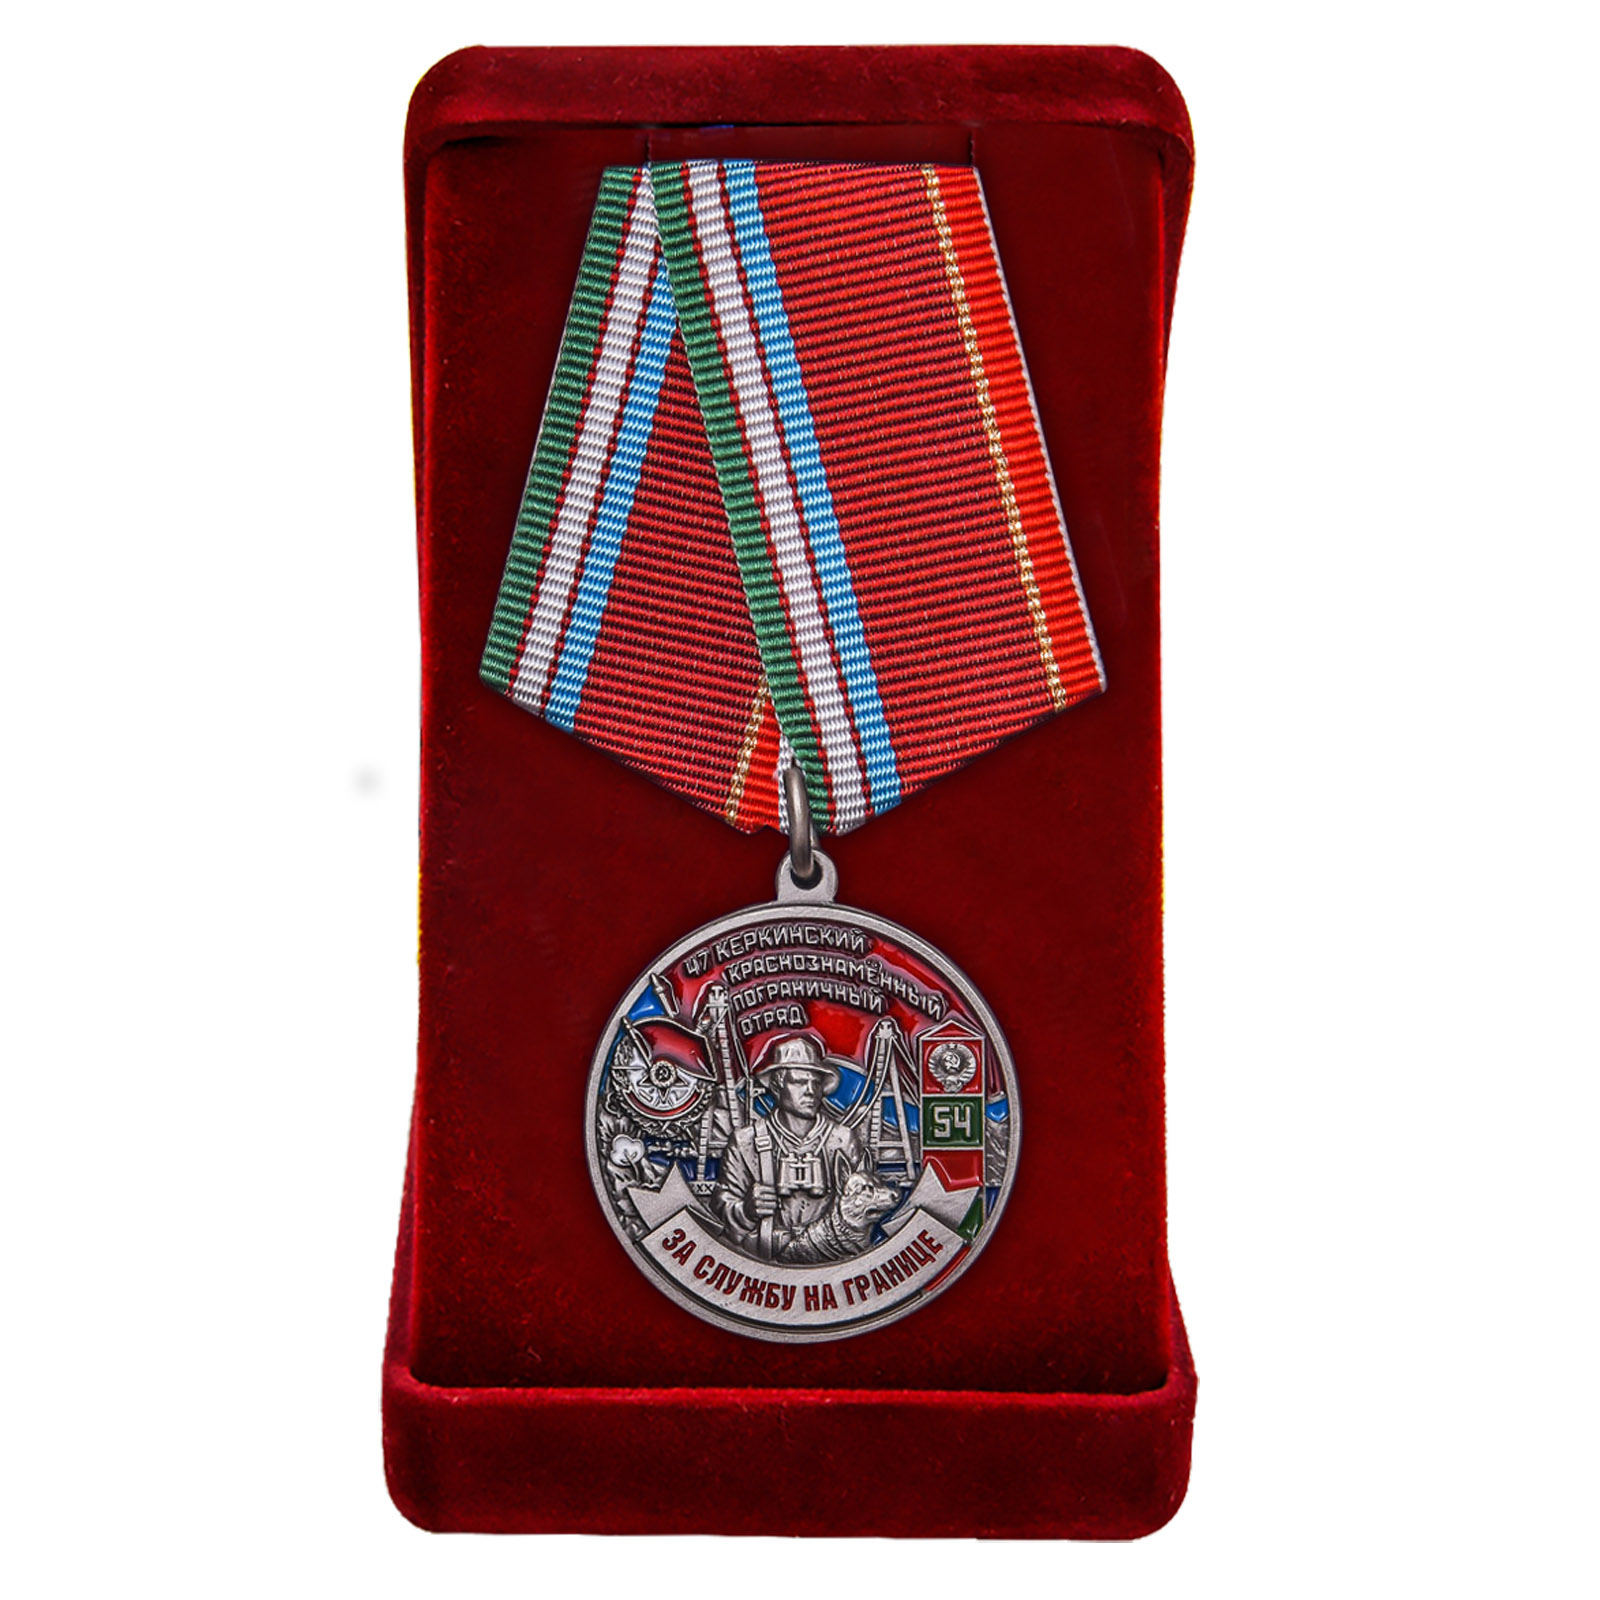 Купить медаль ПВ За службу на границе (47 Керкинский ПогО) онлайн